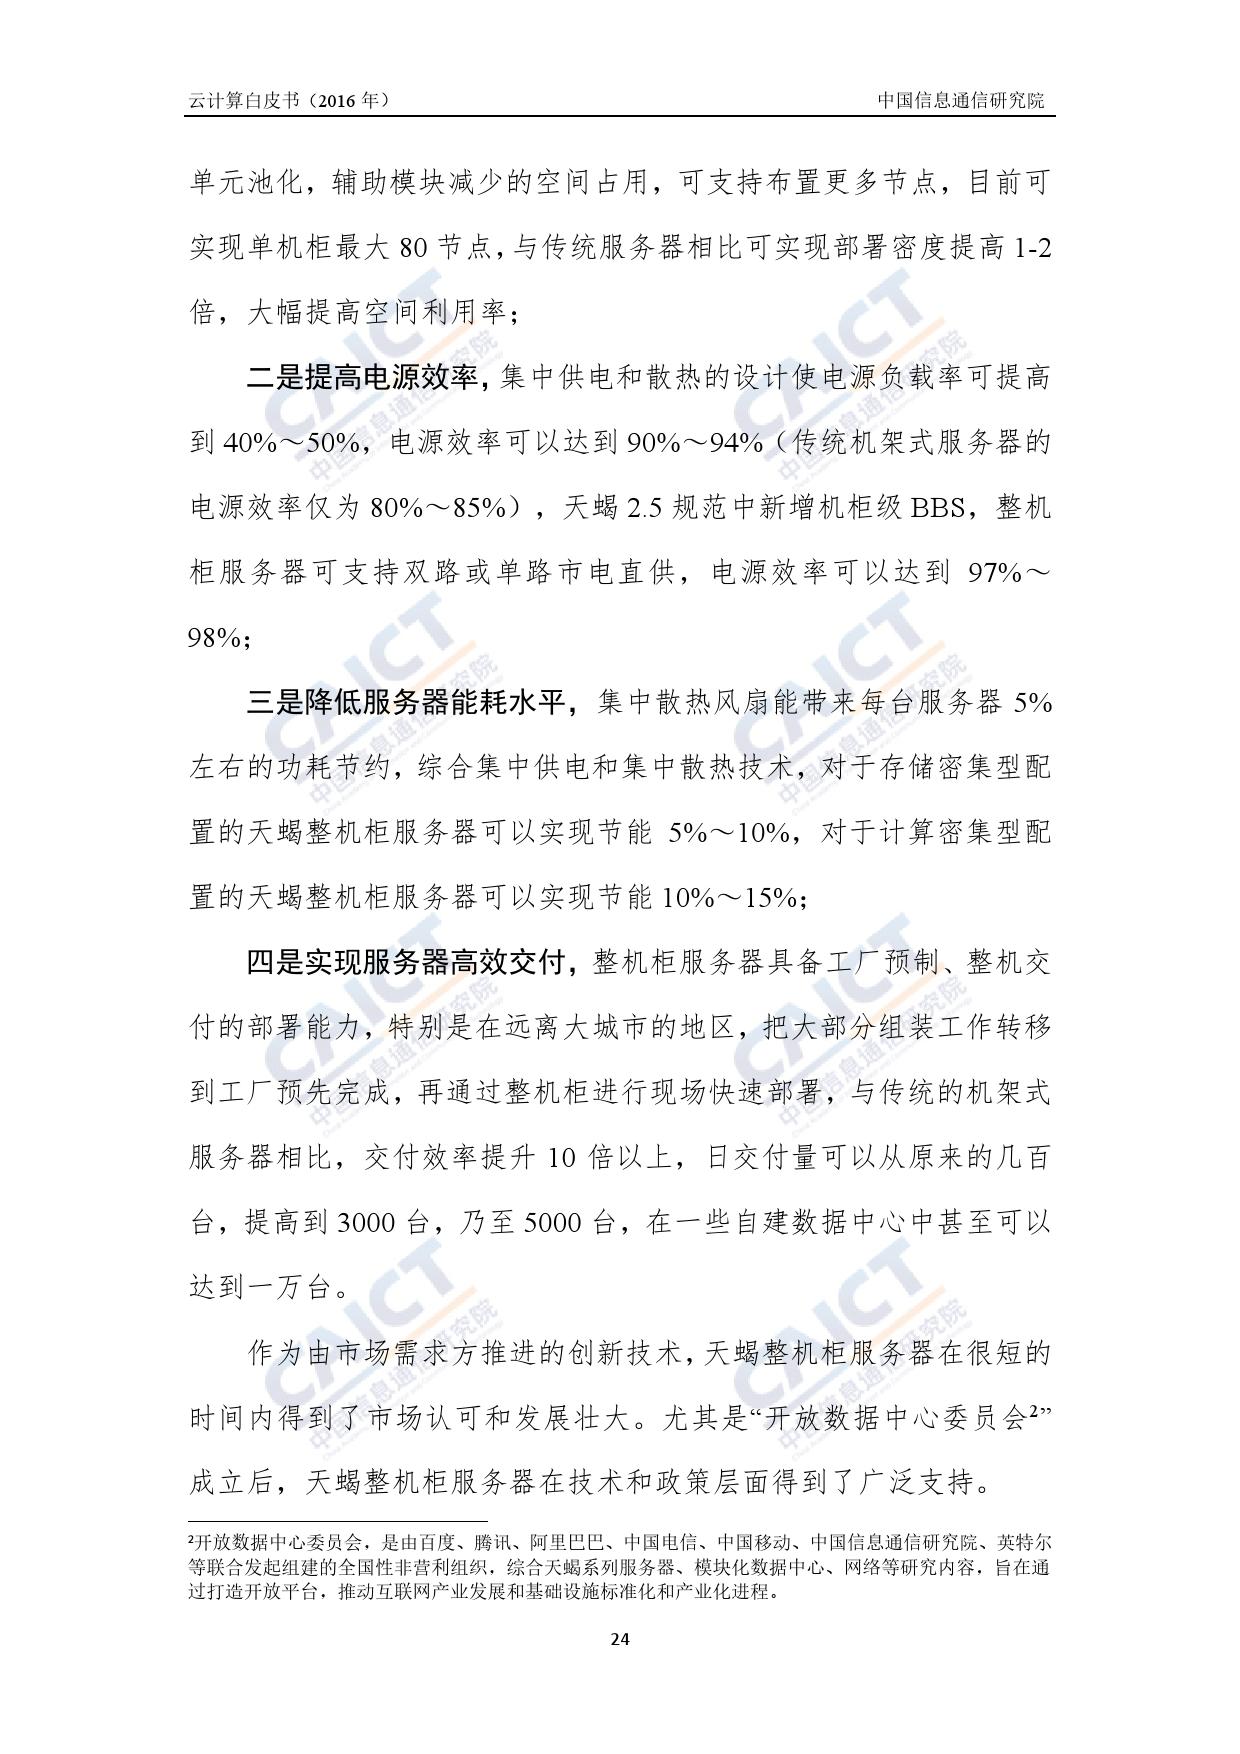 2016云计算白皮书_000028